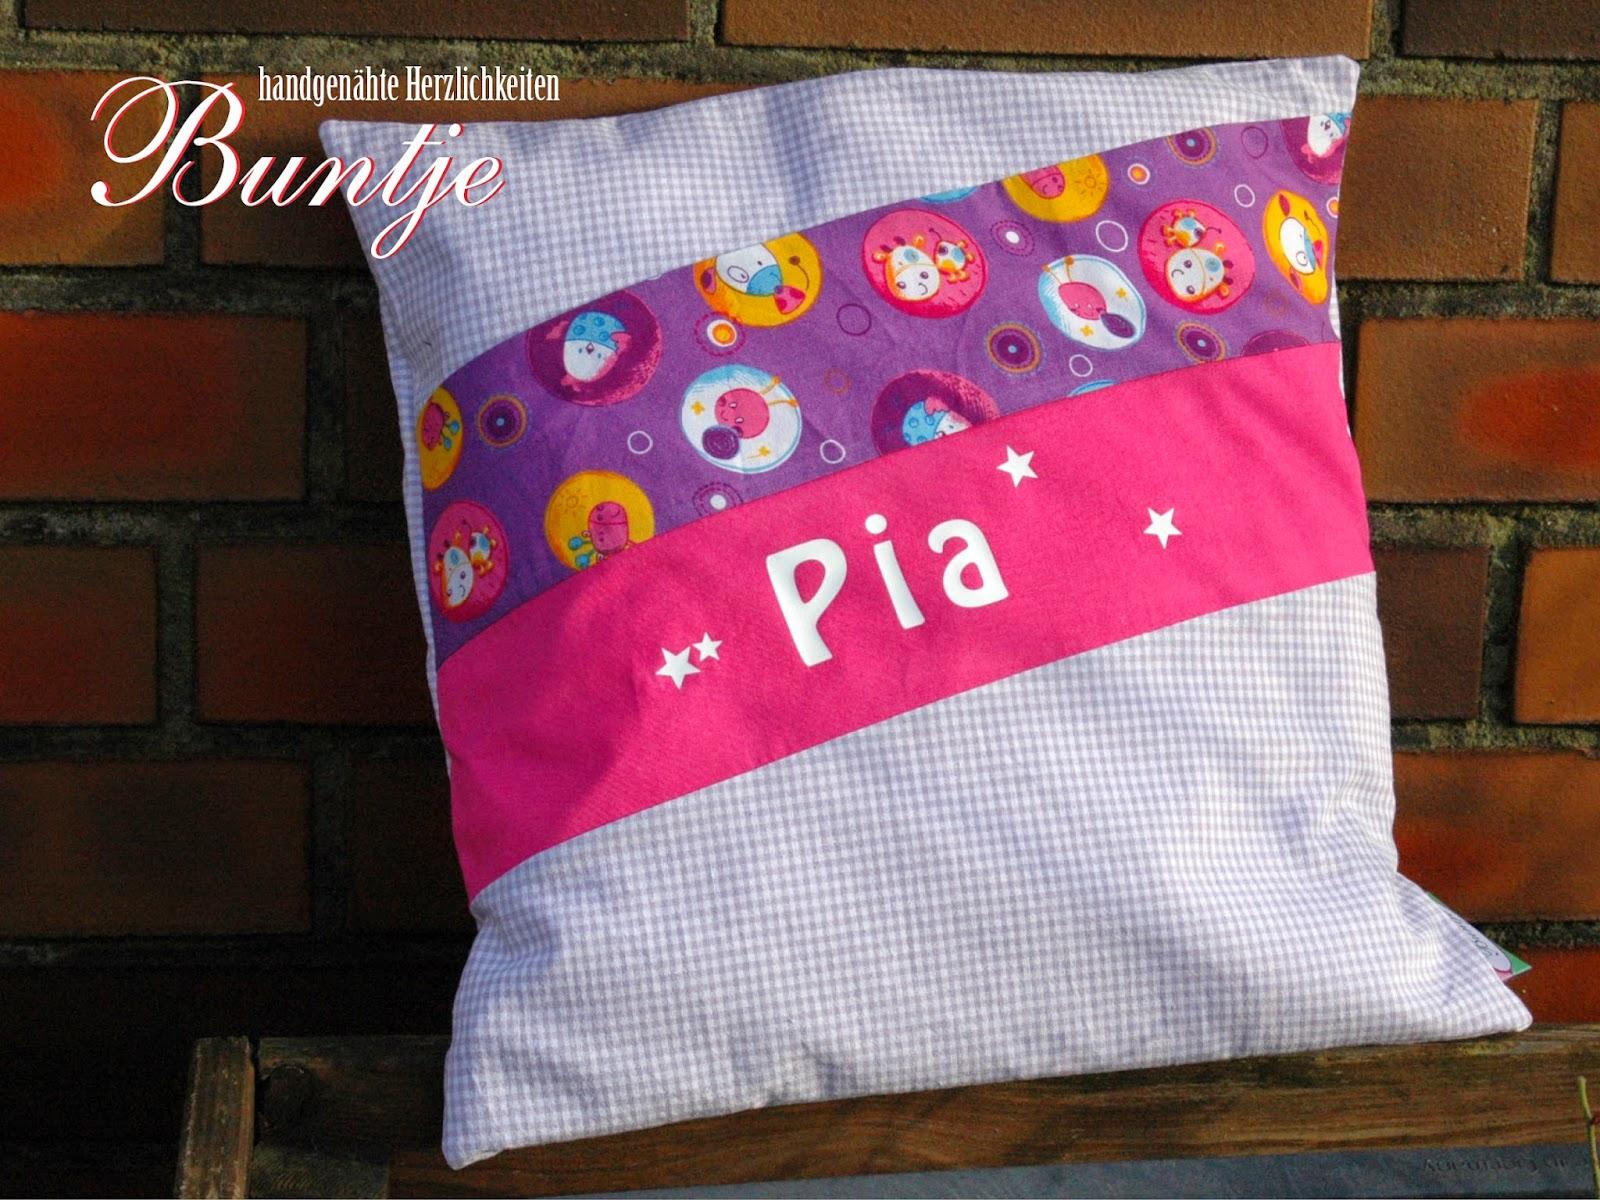 Namenskissen Kissen Name Geschenk Kind Baby Geburt Taufe 1. Geburtstag Baumwolle Mädchen lila rosa pink Karo Pia Sterne handmade nähen Buntje